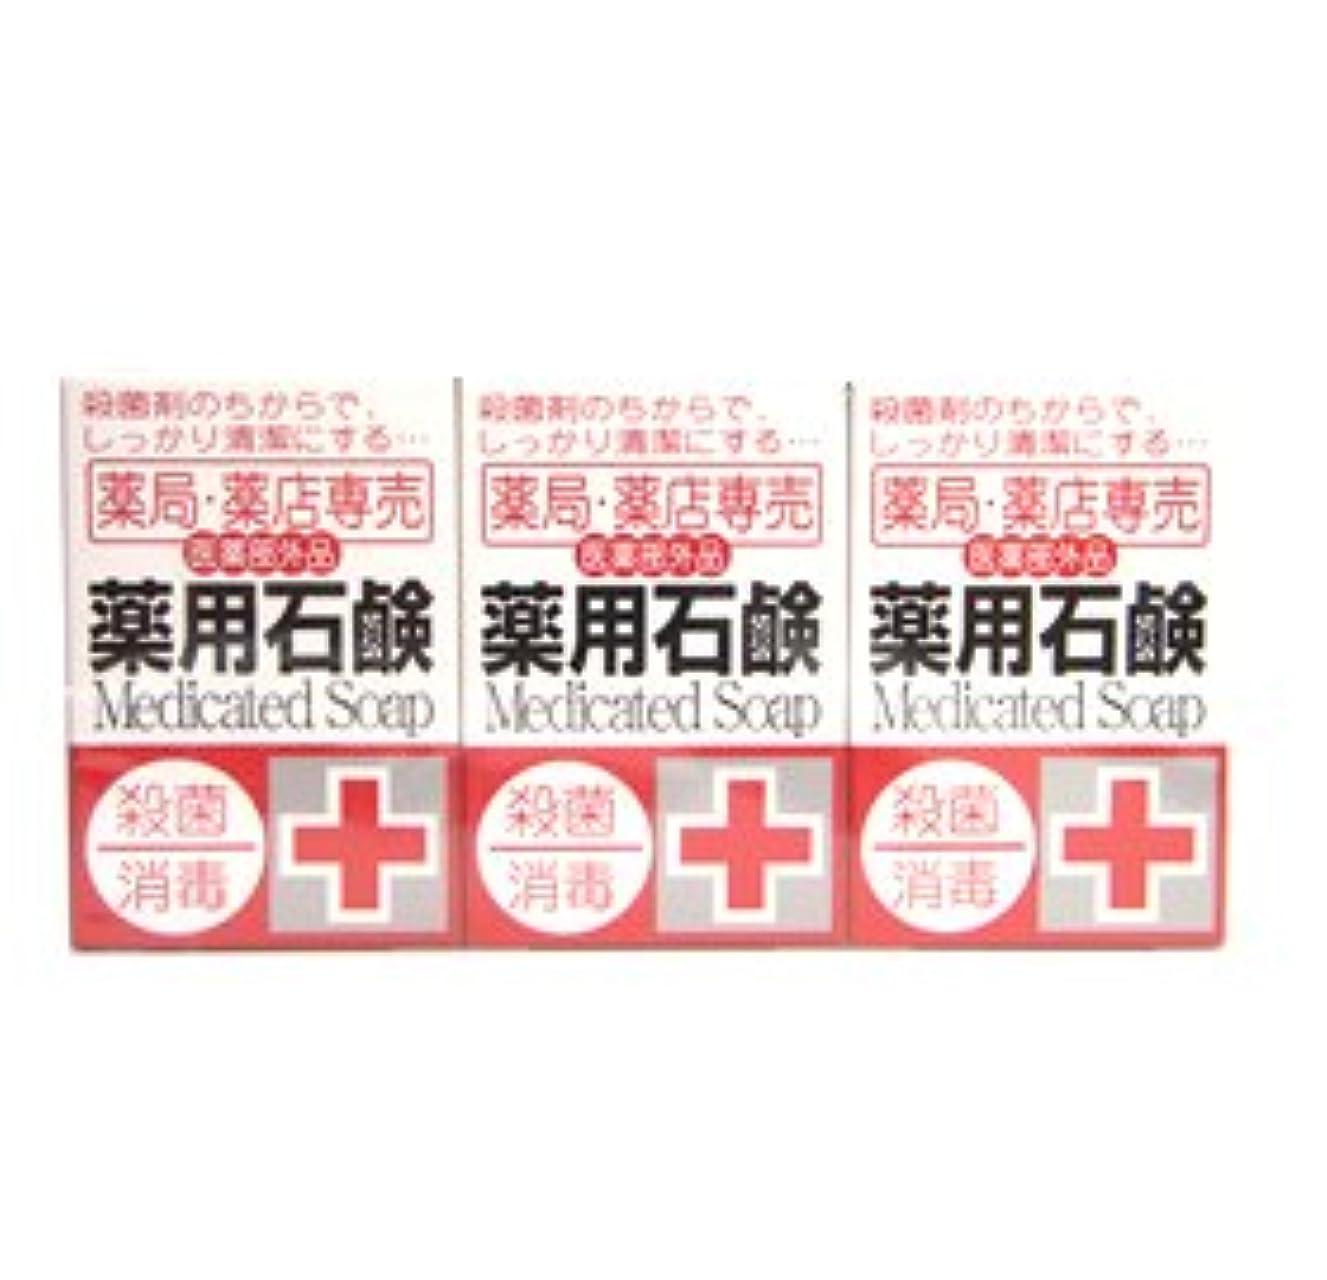 薬局?薬店専売 薬用石鹸 メディカルソープ 100g×3個入